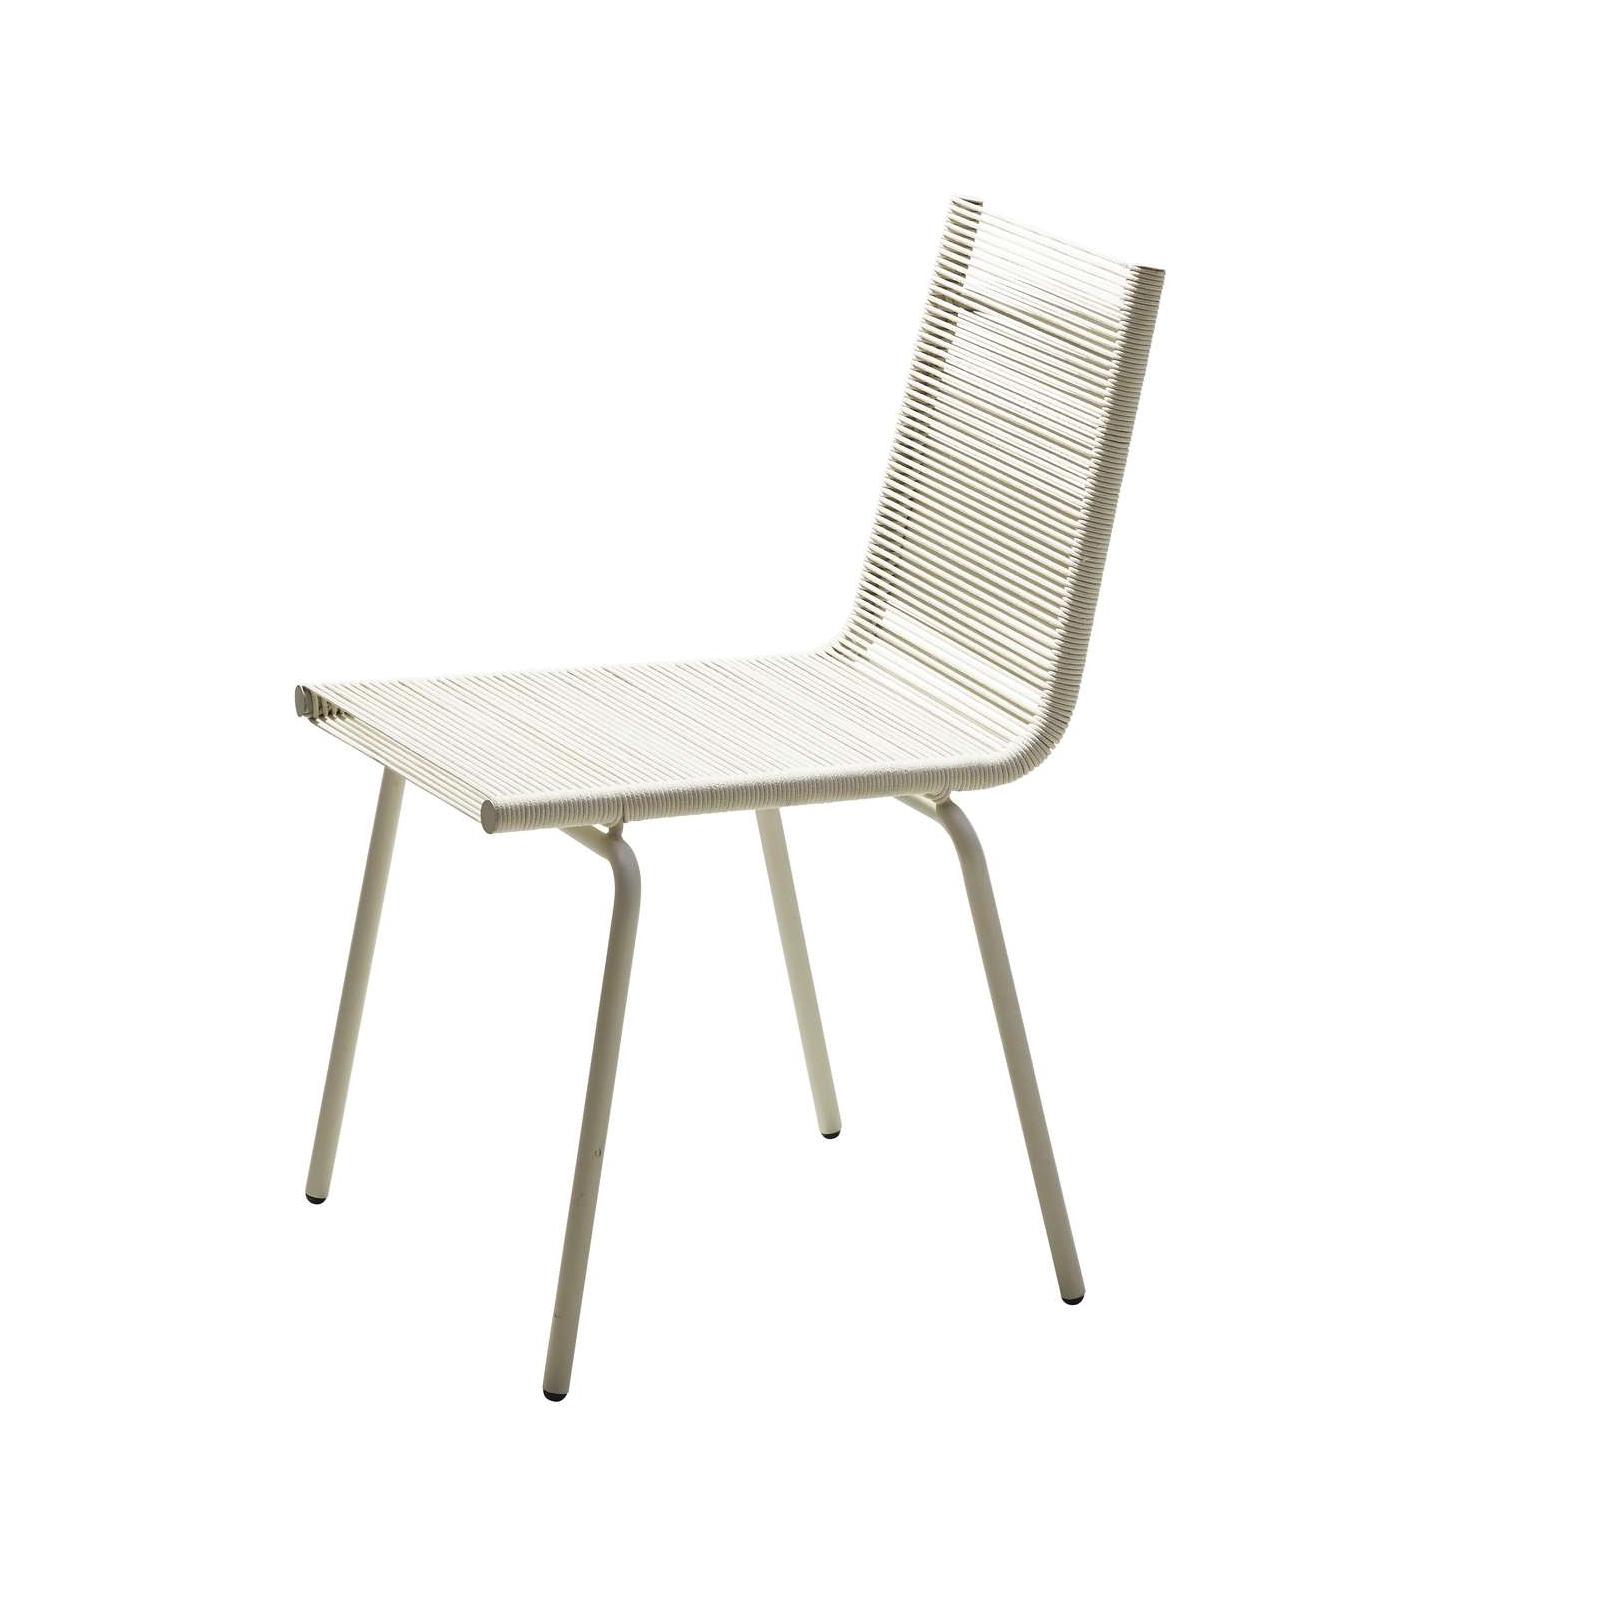 SIDD stol utan armstöd vit fiber, Cane-line